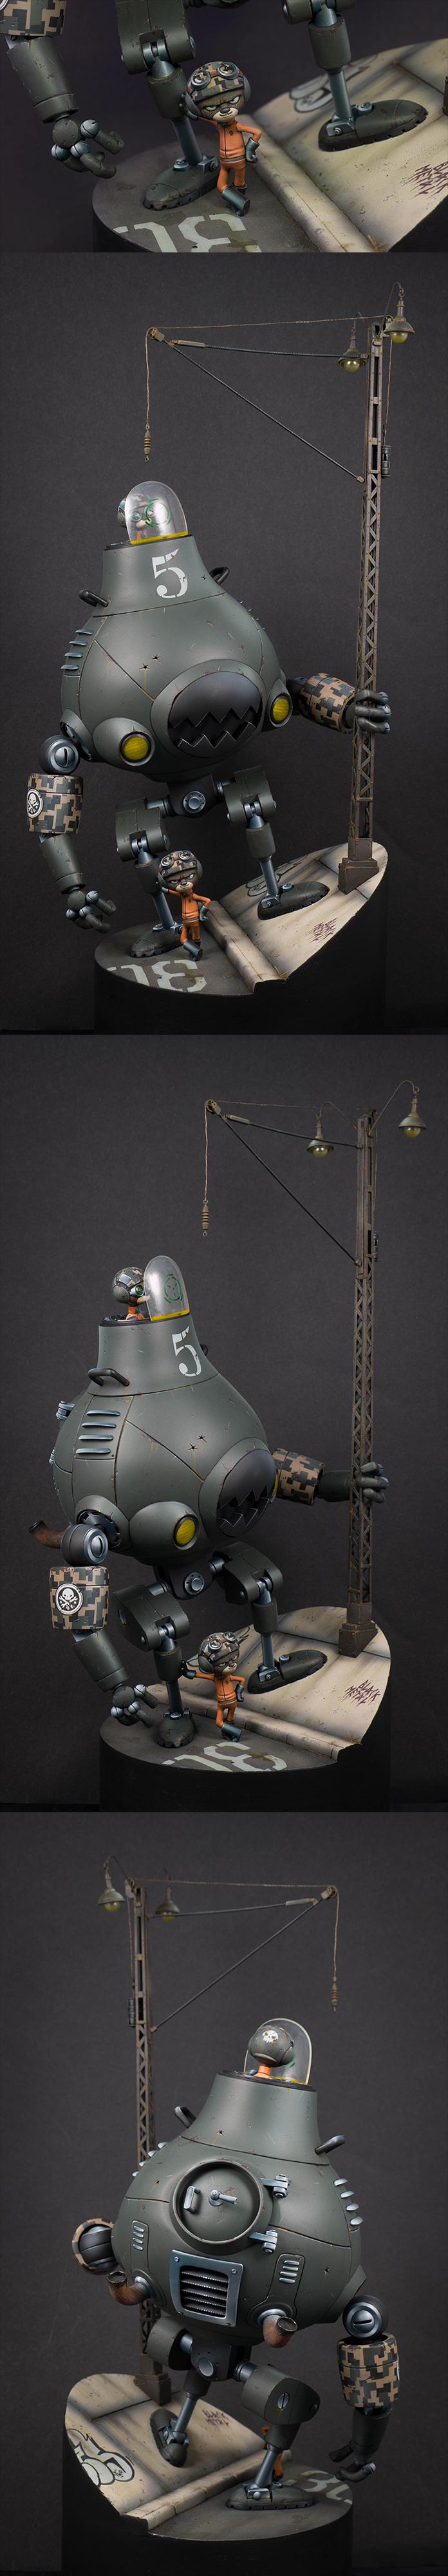 Chomp Bot